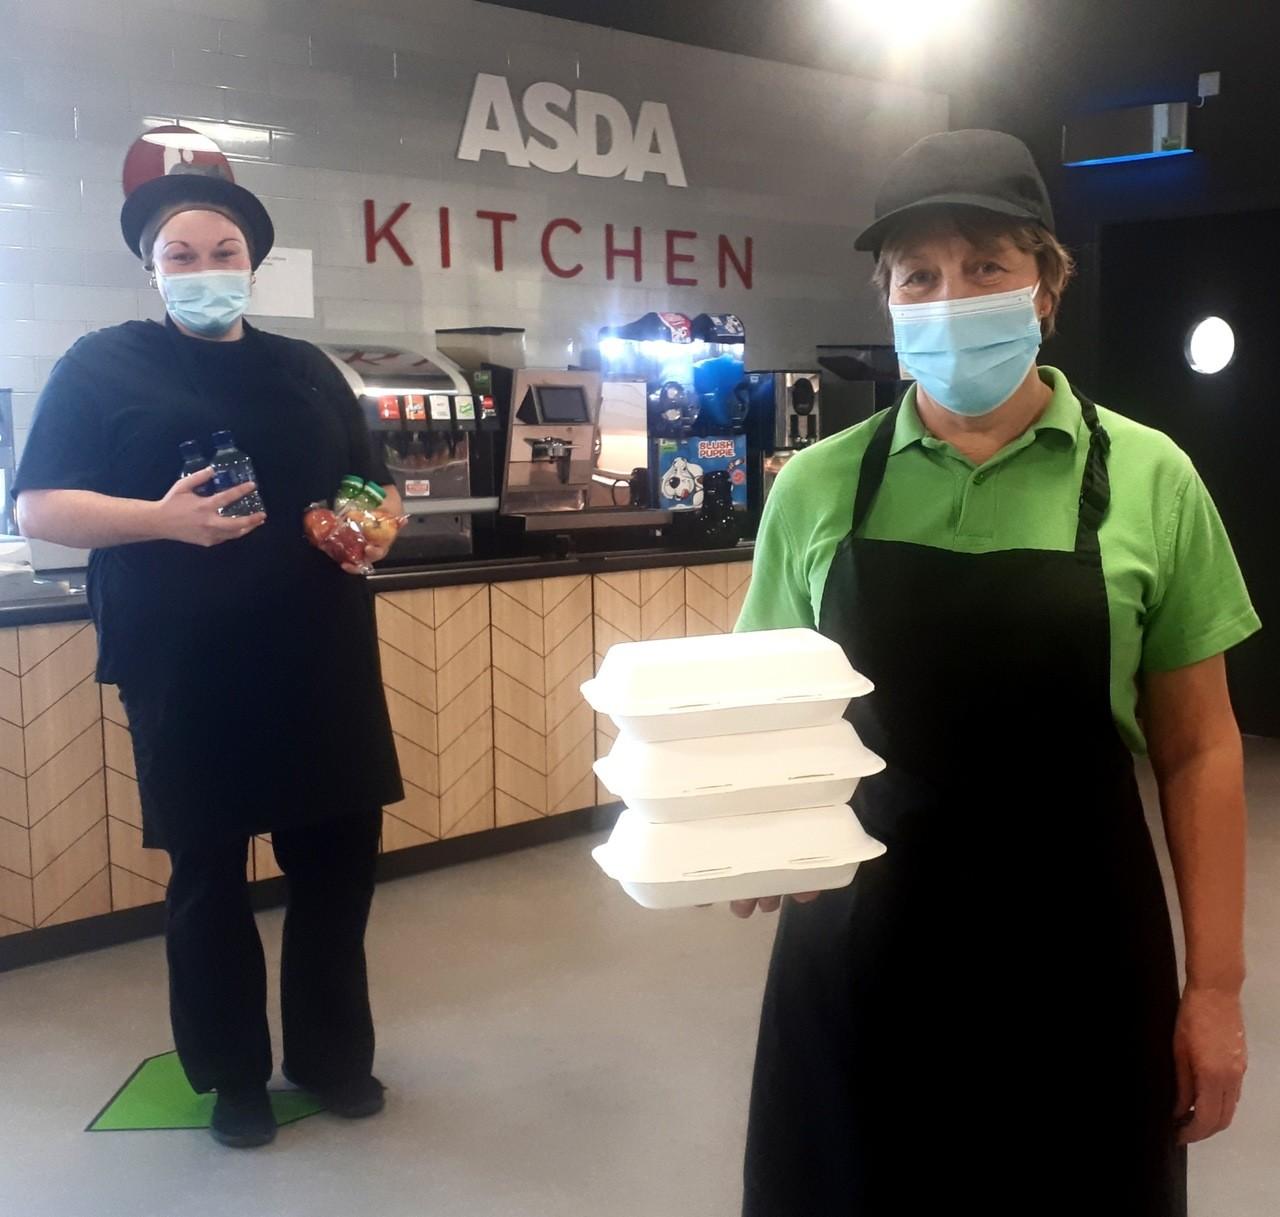 Kids Eat Free offer at Asda | Asda Boston